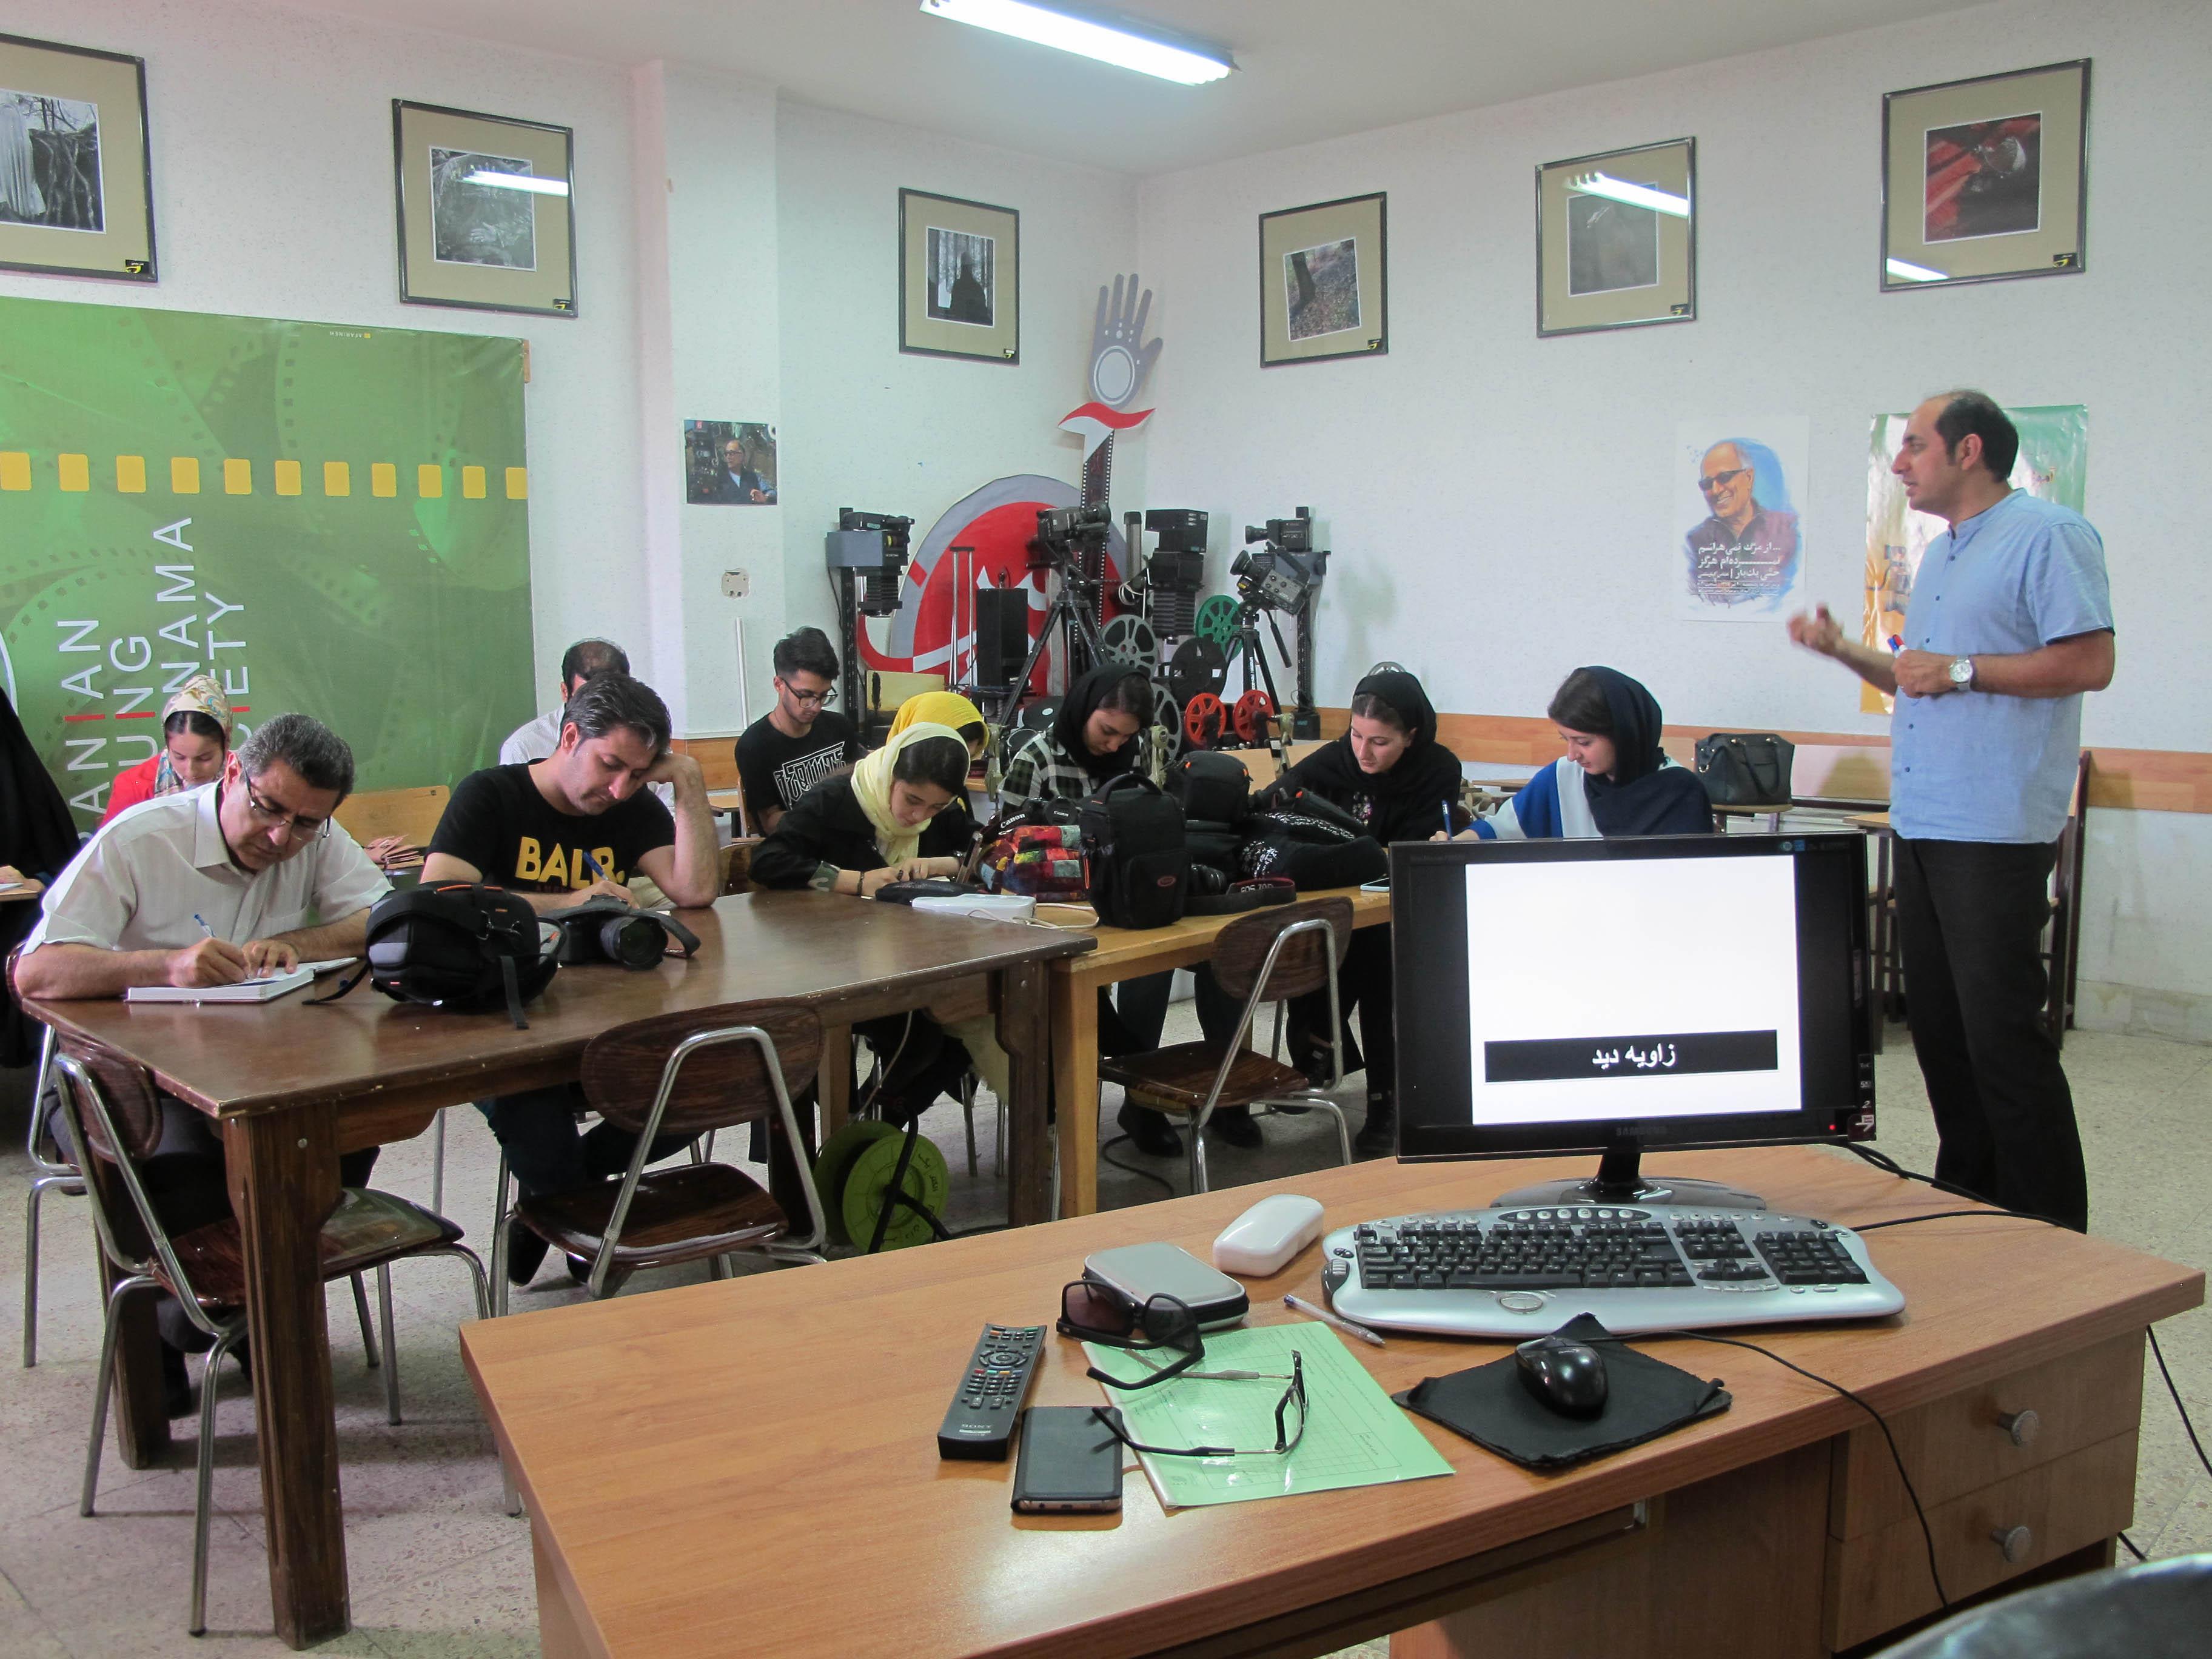 برگزاری دوره عکاسی دیجیتال در زنجان